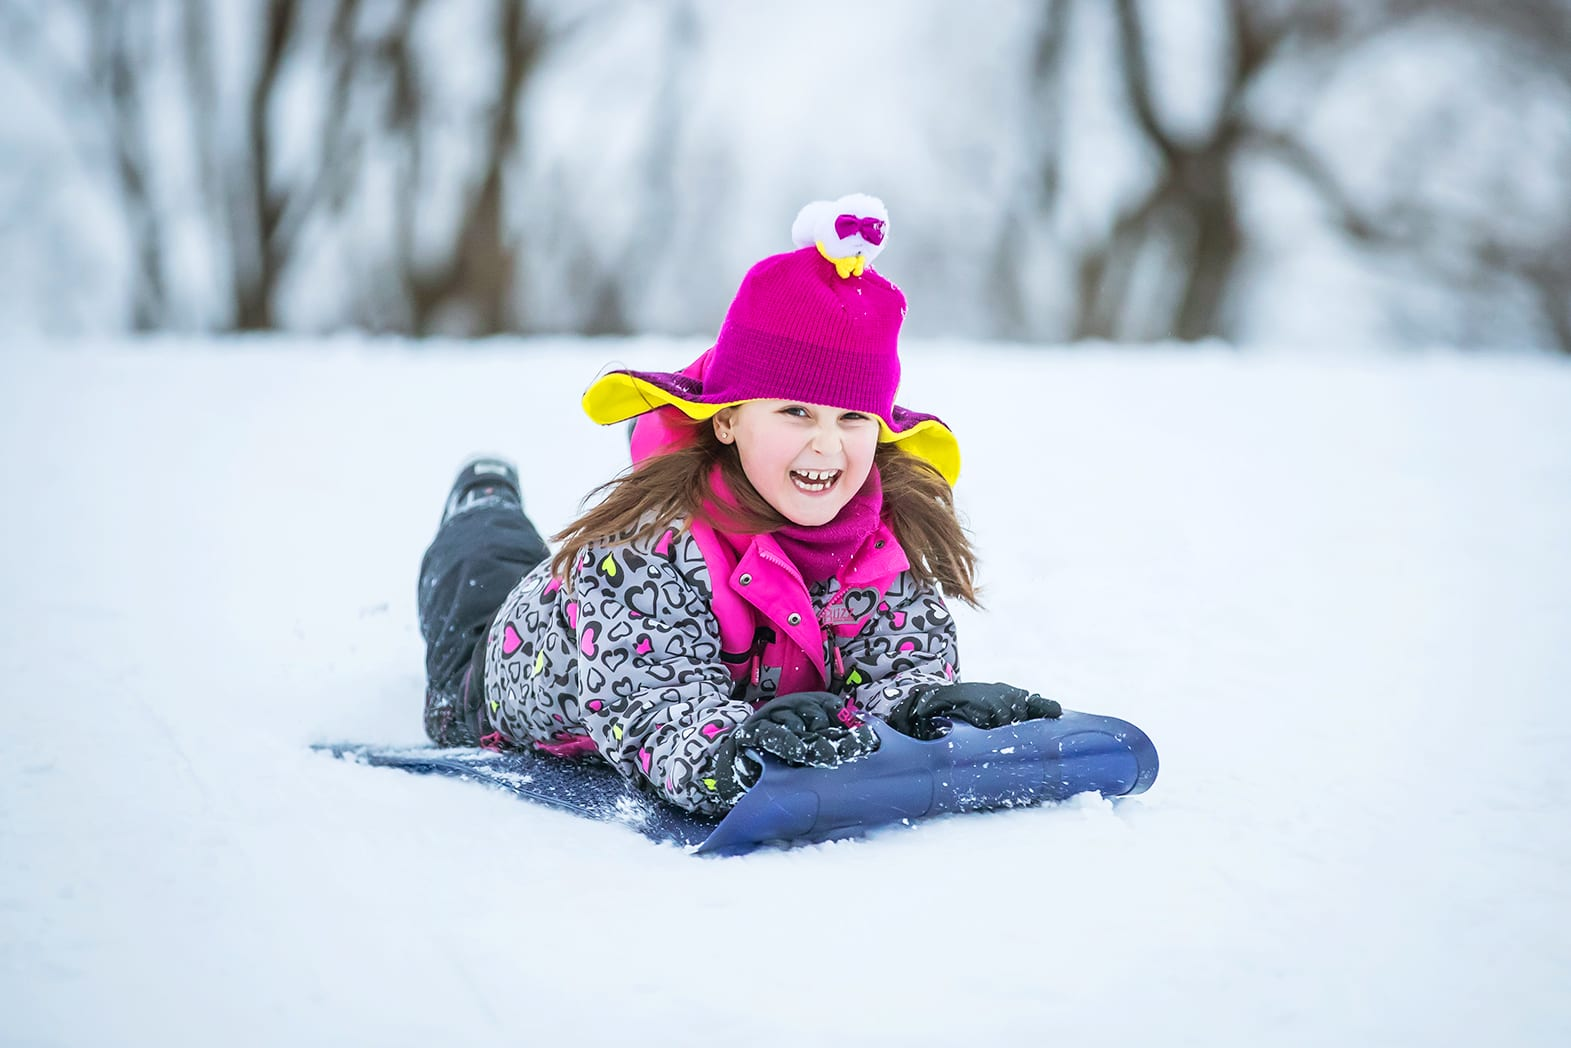 fillette glissant sur la neige